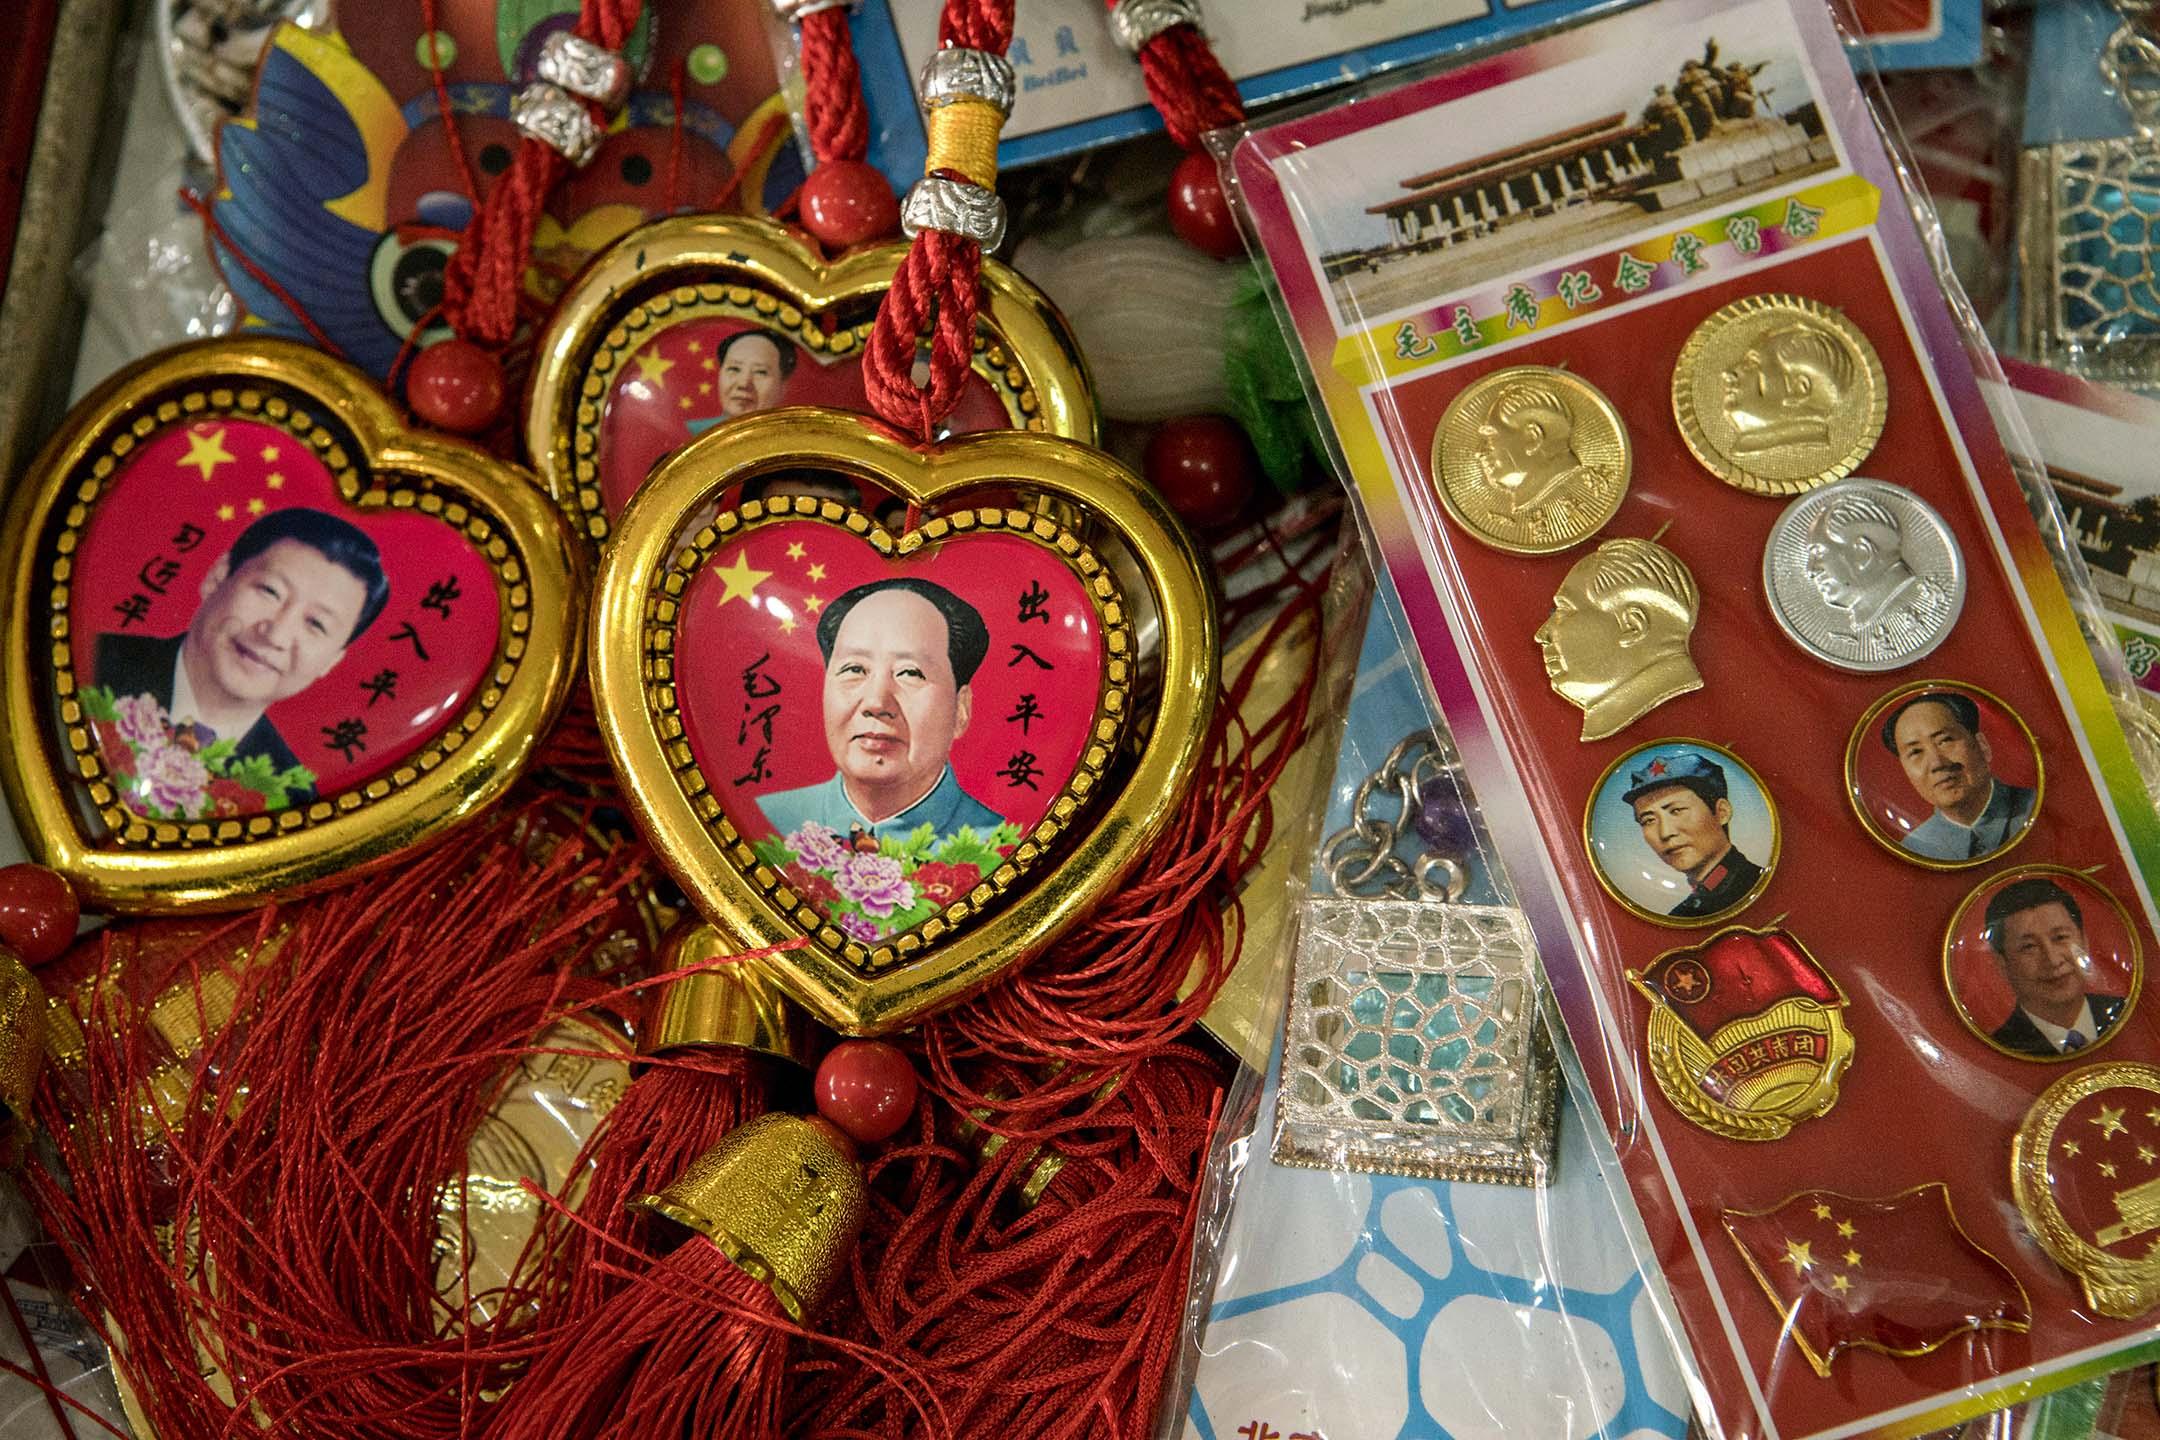 2018年2月29日北京,中國國家主席習近平(左)和中國前領導人毛澤東的肖像紀念品。  攝:Giulia Marchi/Bloomberg via Getty Images